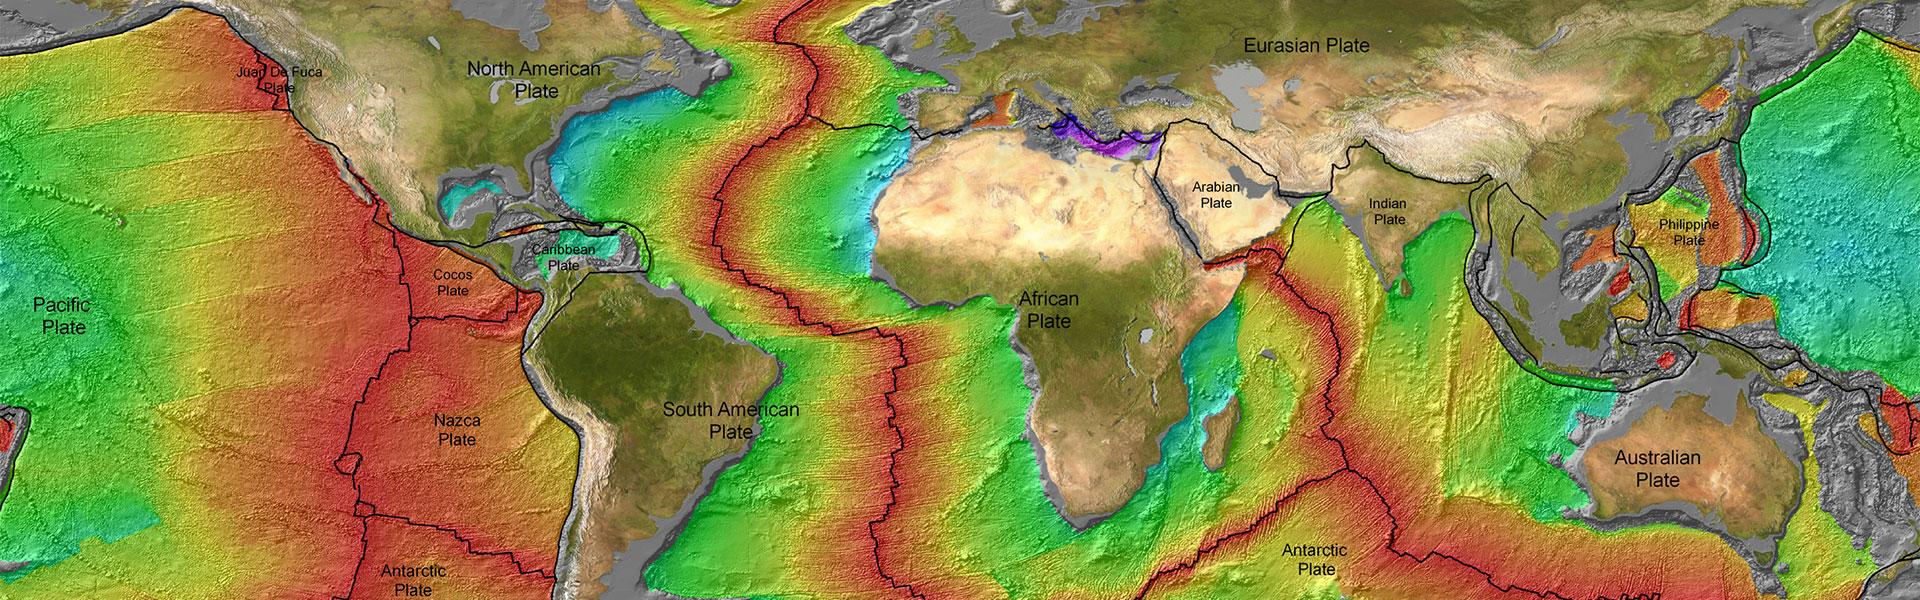 geophysics map